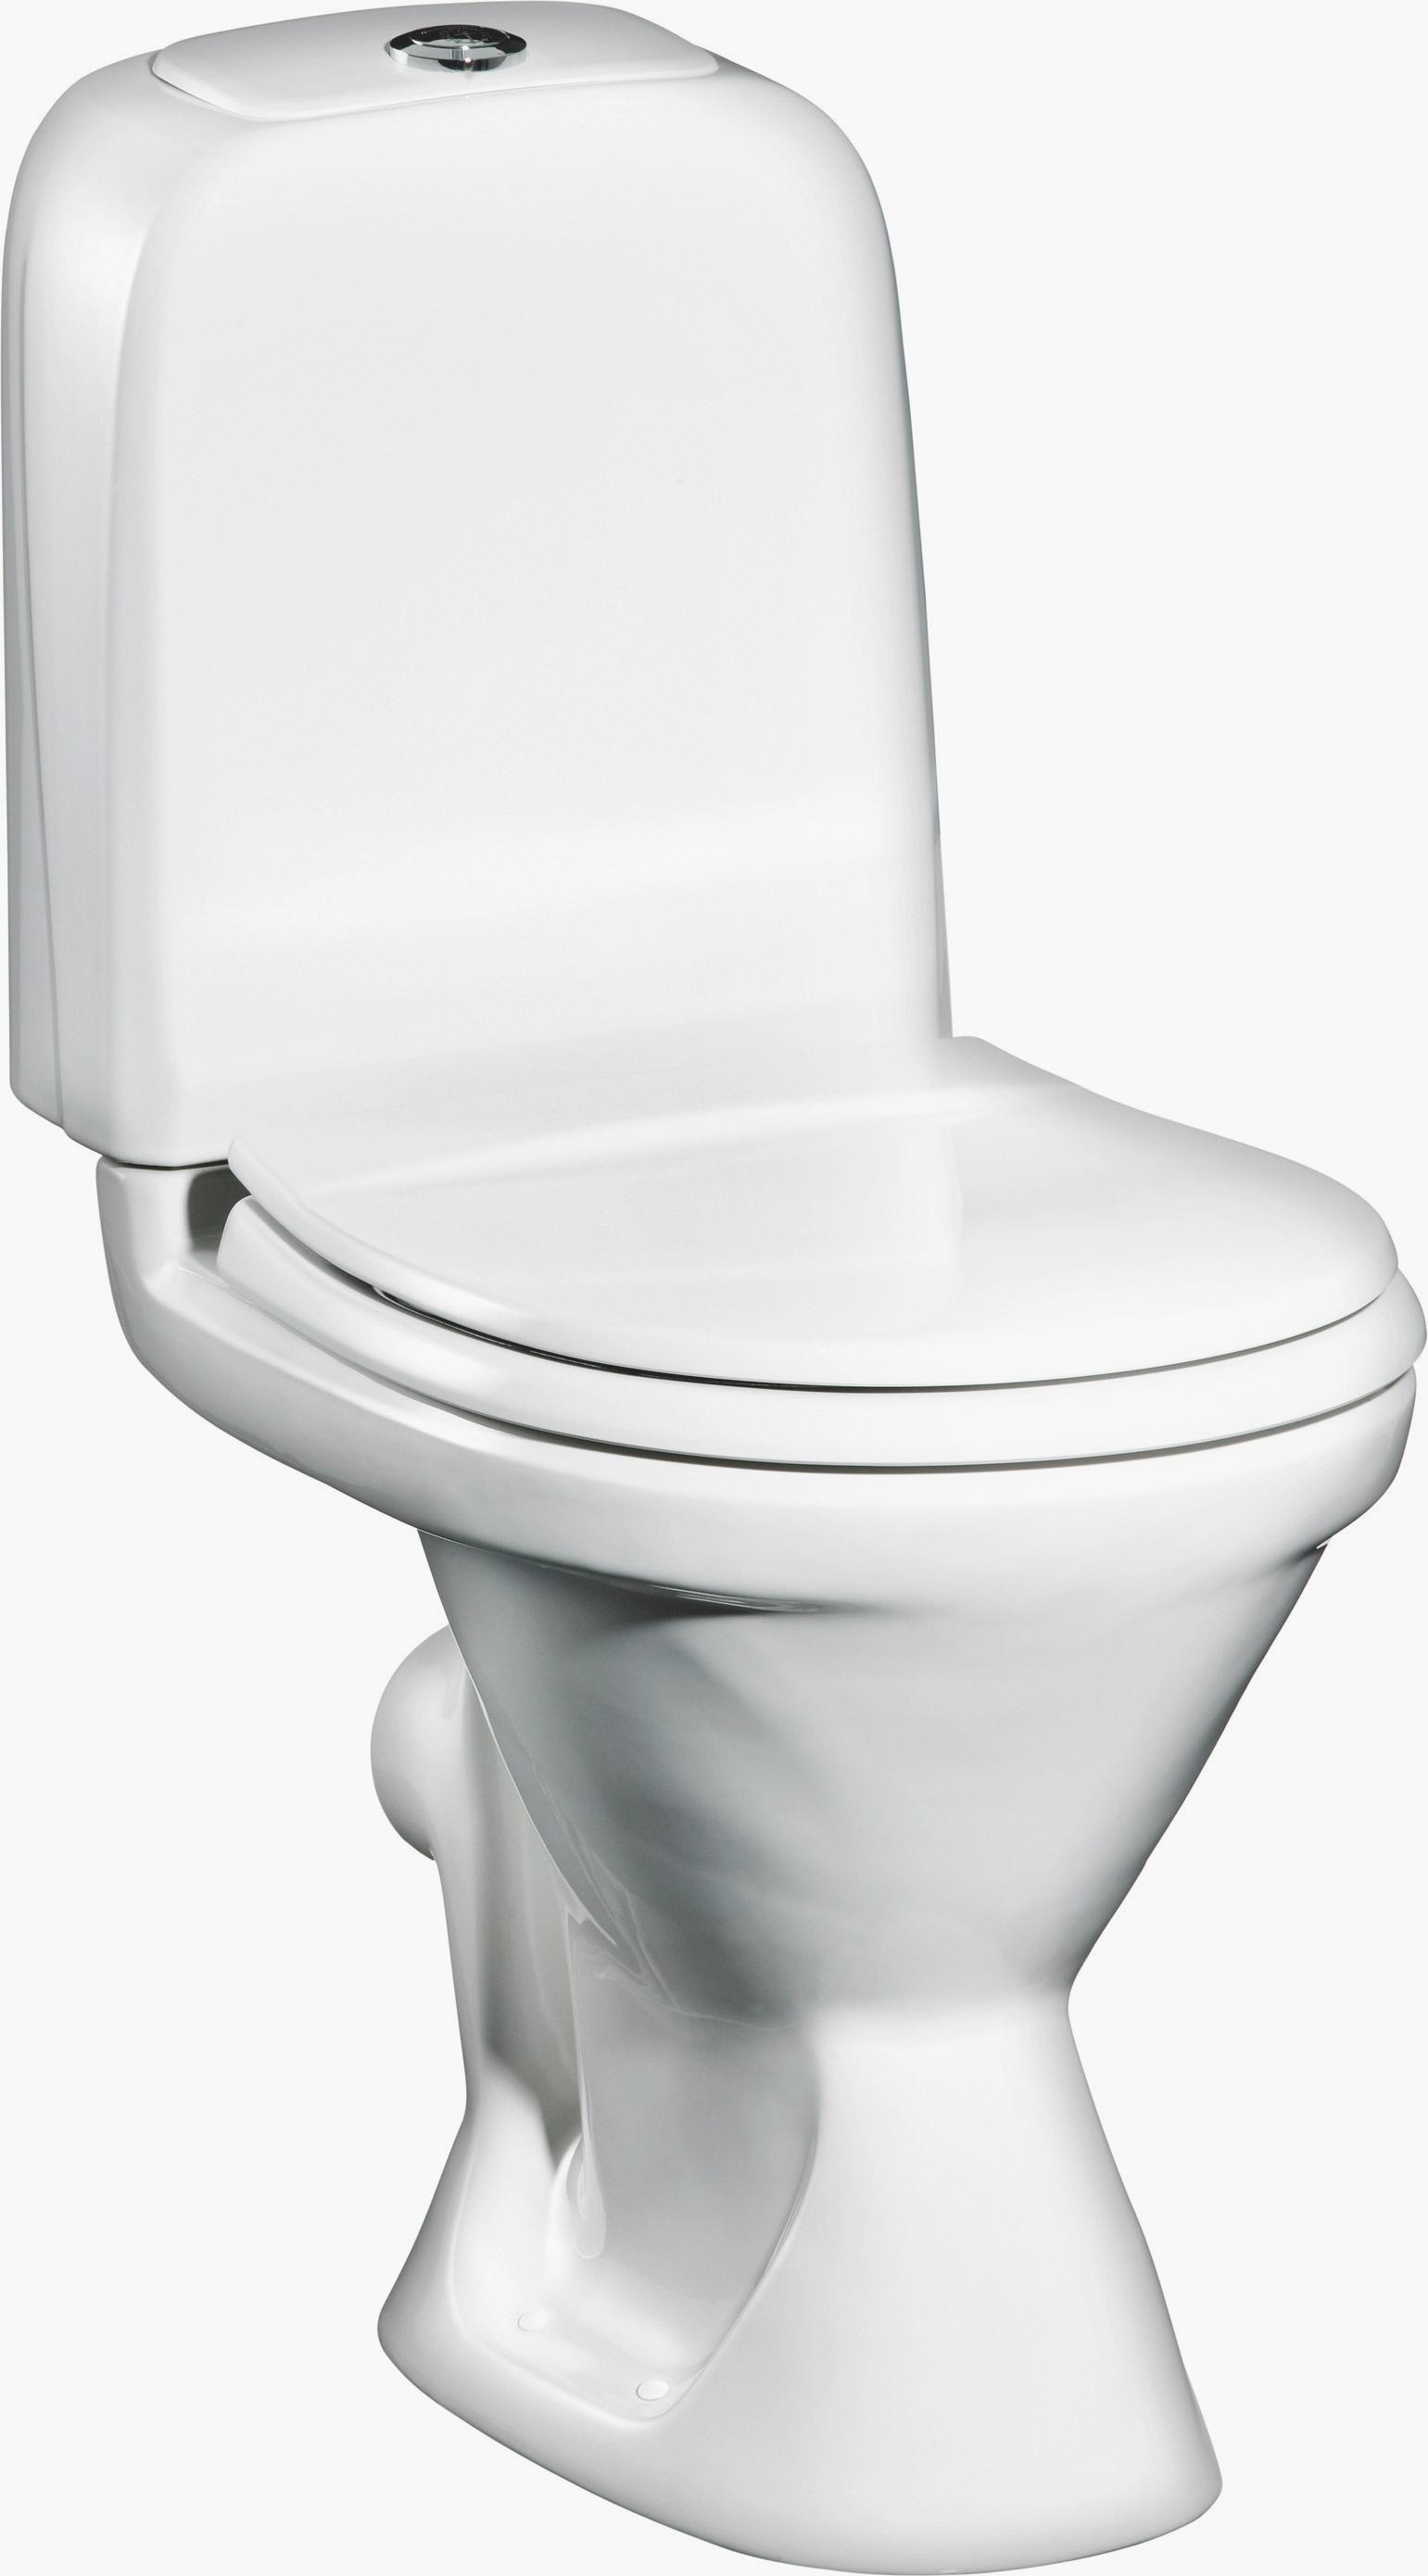 Унитаз Gustavsberg Basic 398 GB1039830105 укороченный со стандартной крышкой-сиденьем